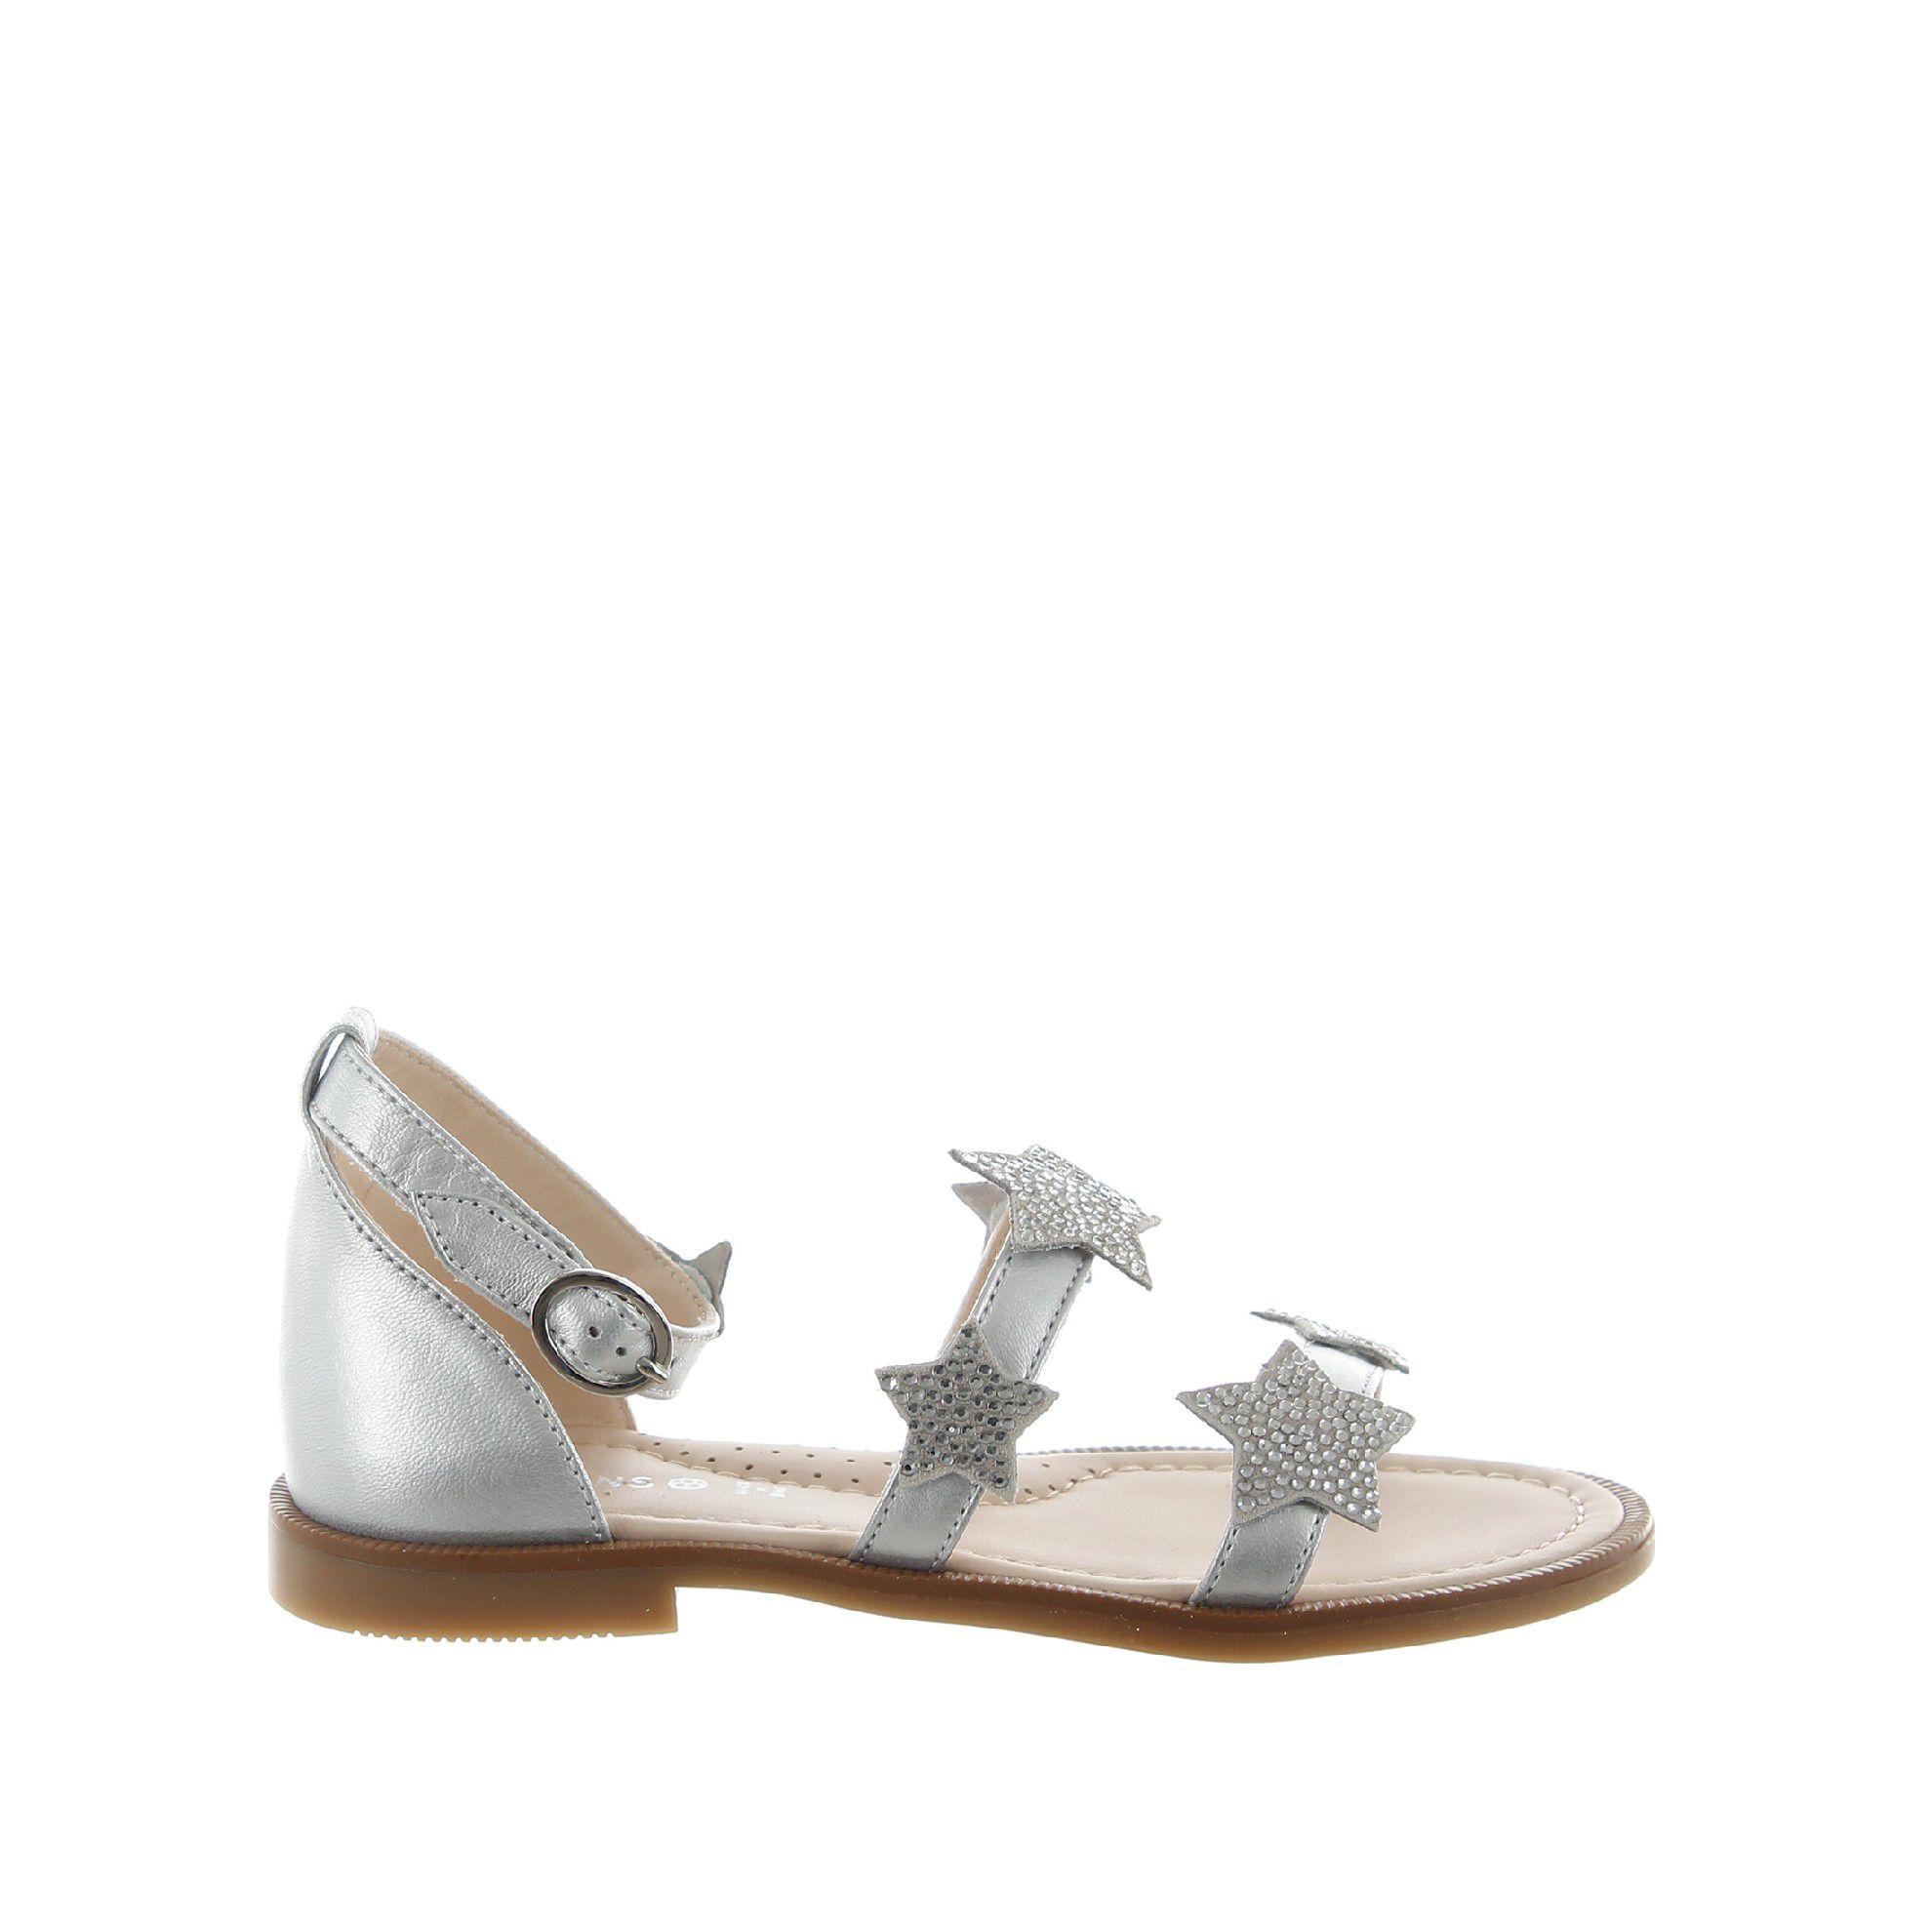 Florens sandaletto in pelle laminata con strass da bambina